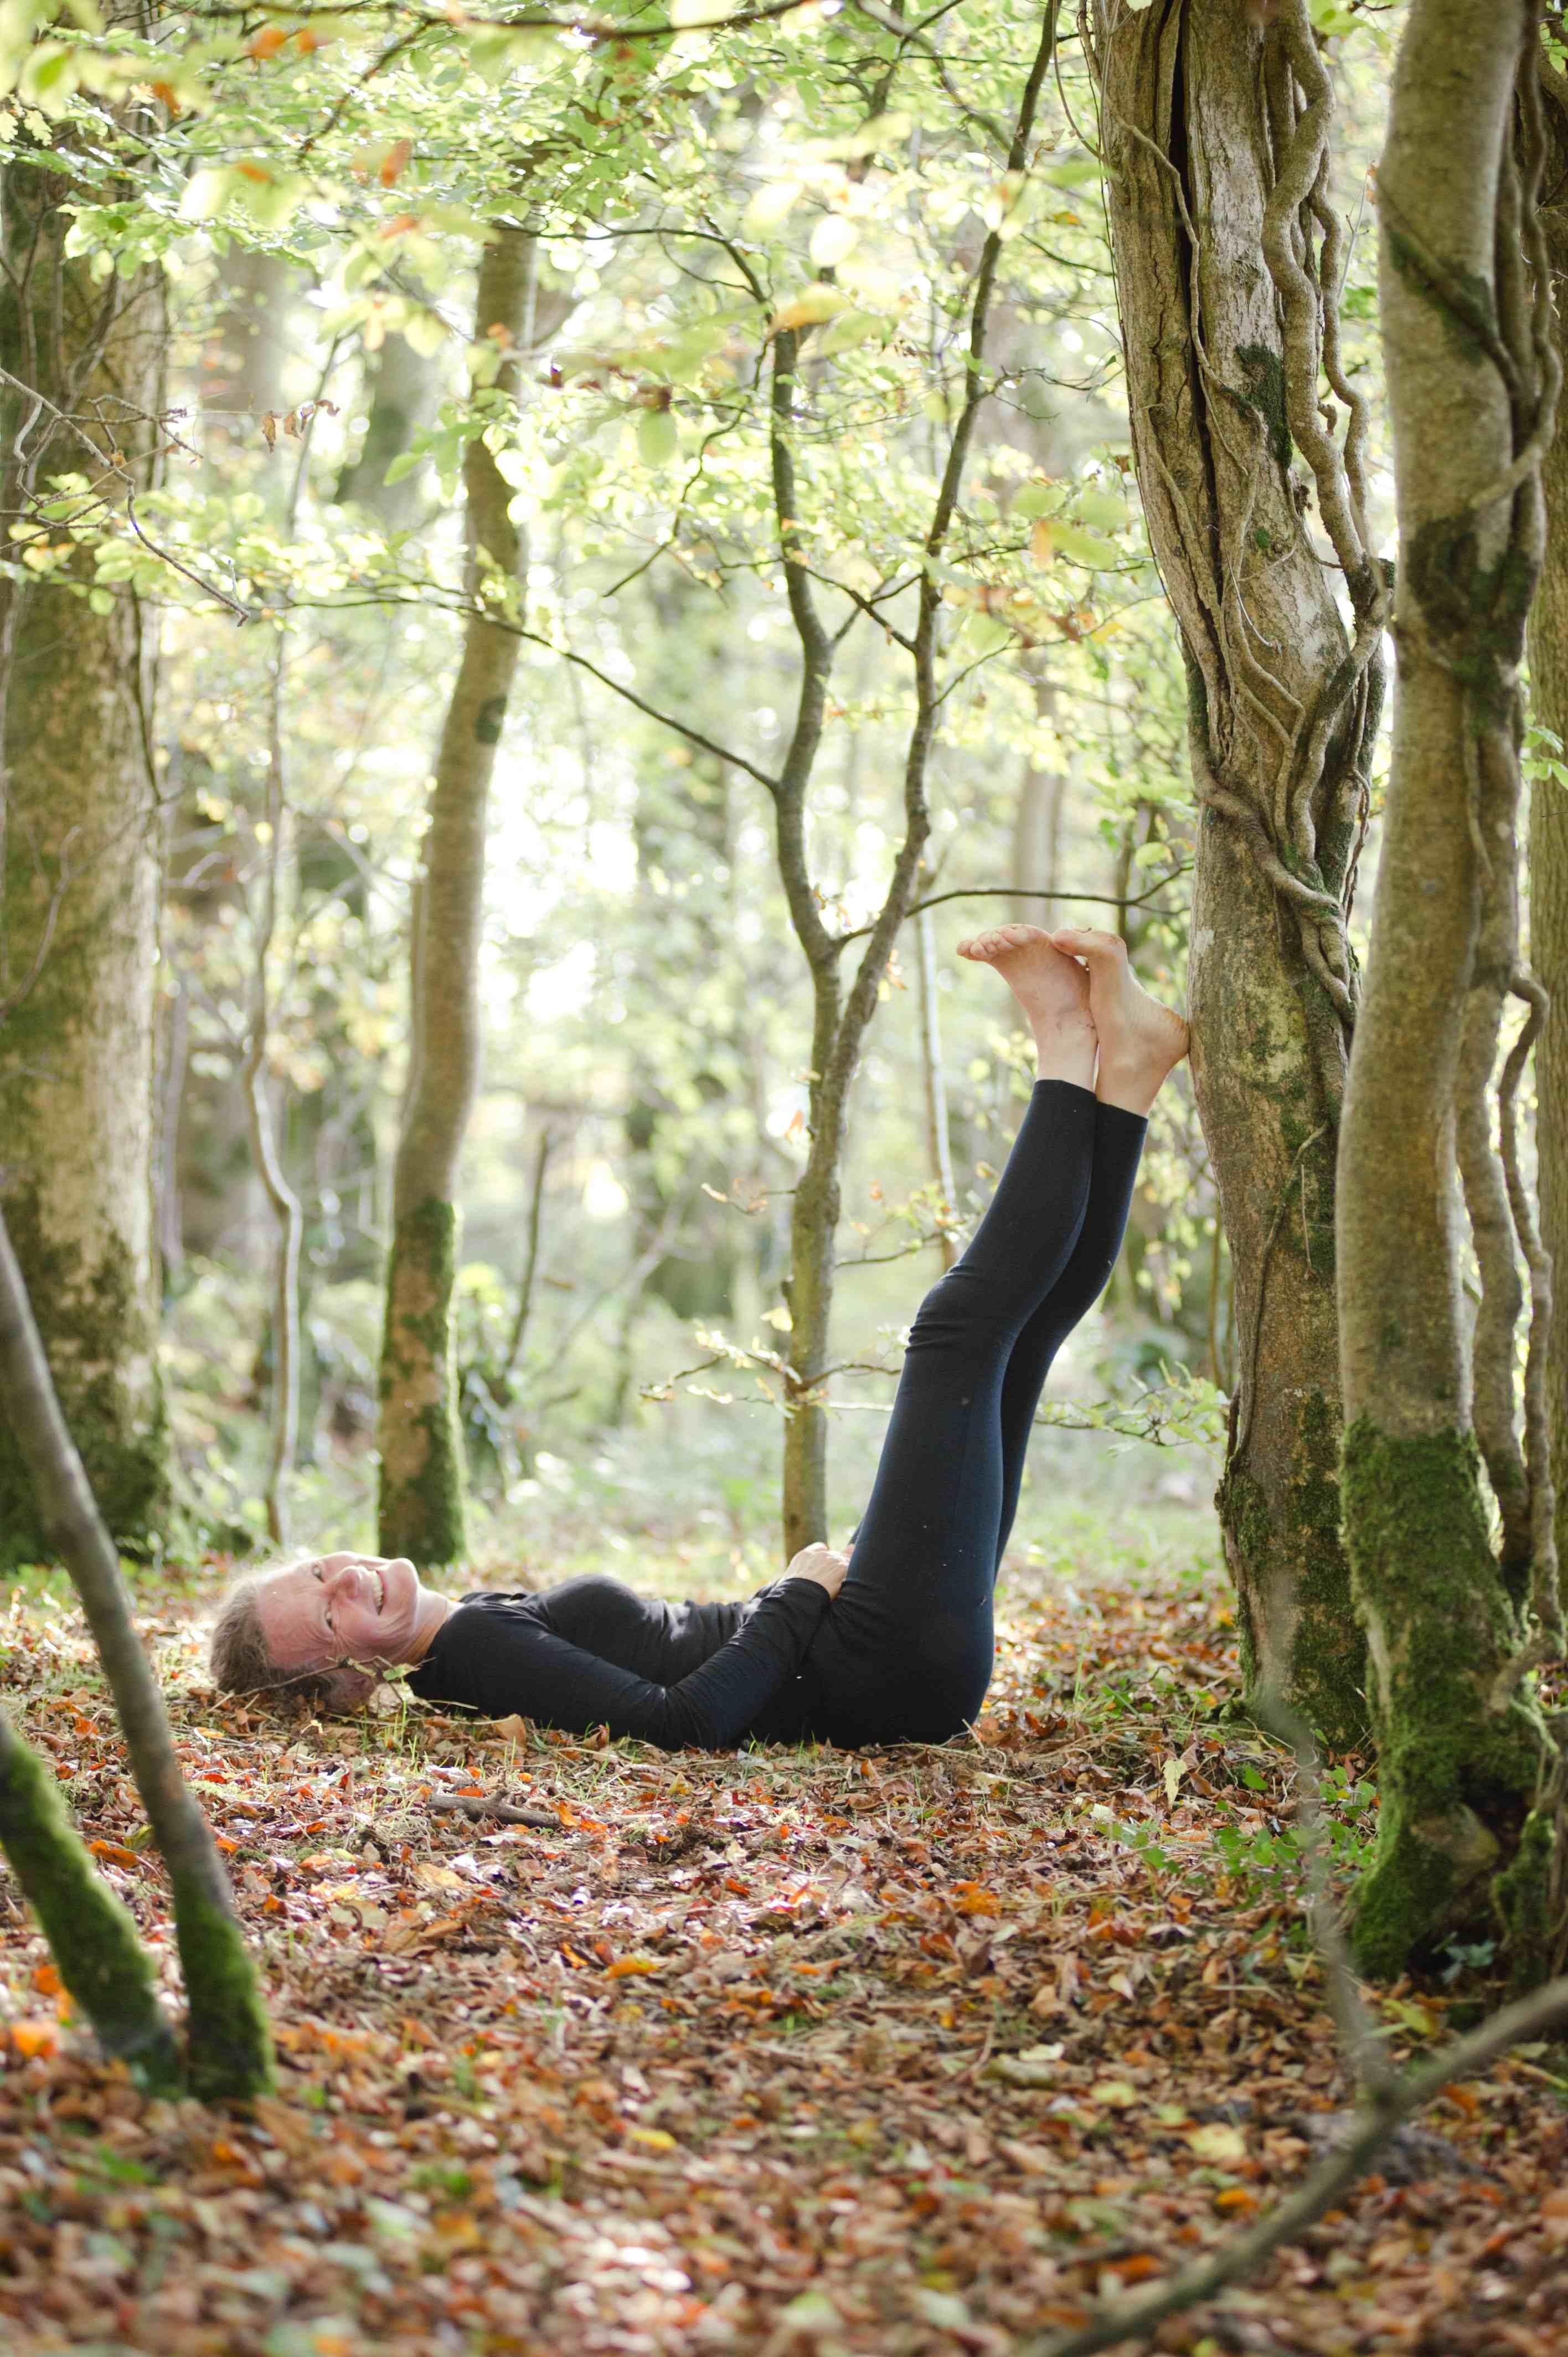 Marella yoga in nature